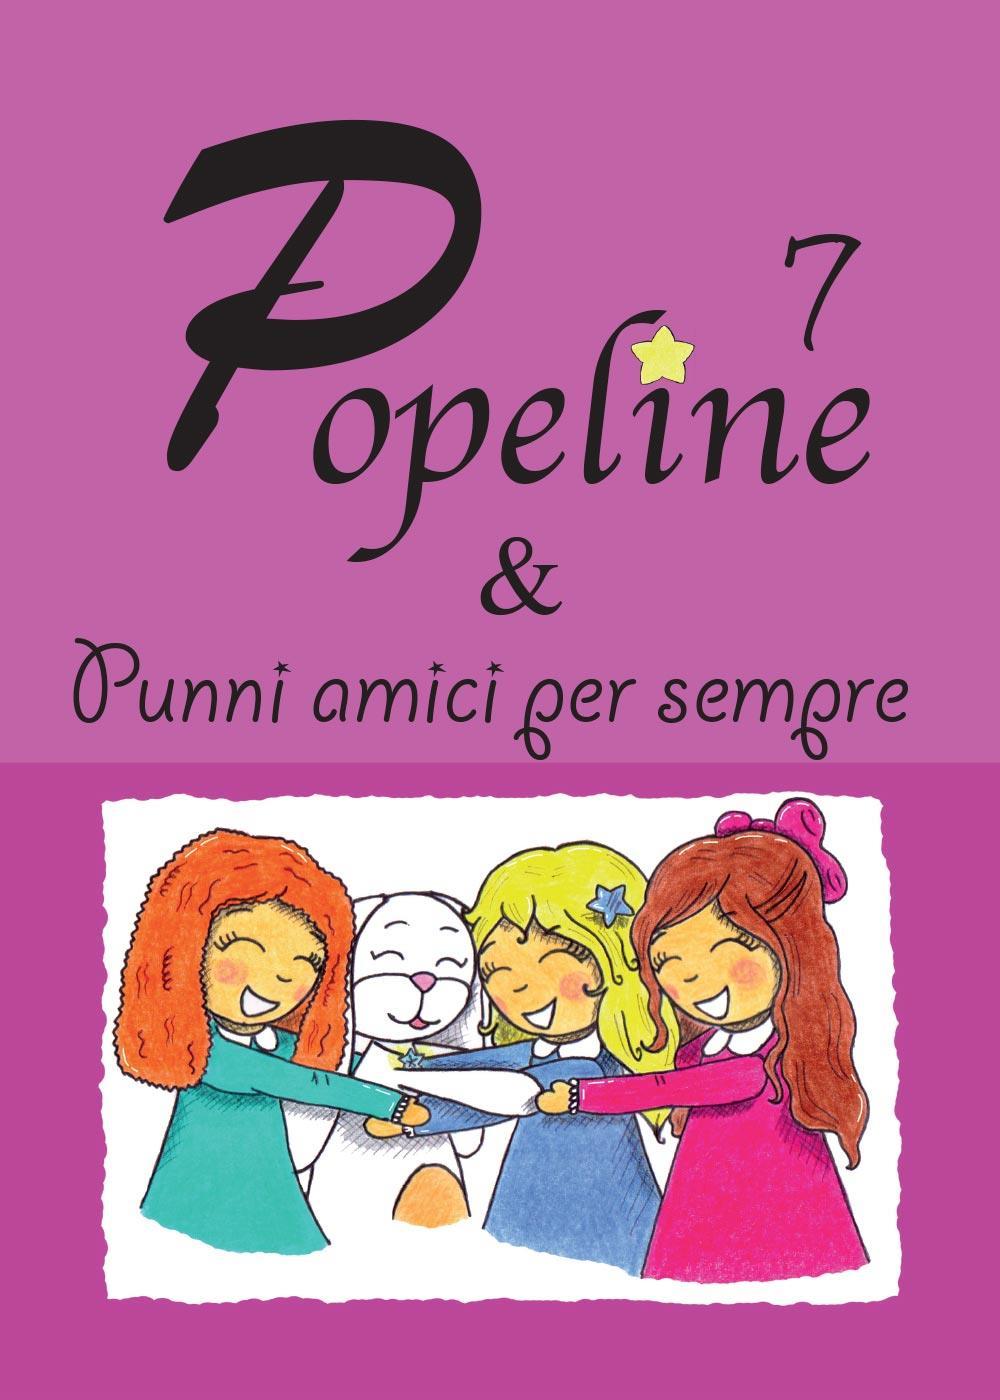 Popeline e Punni amici per sempre